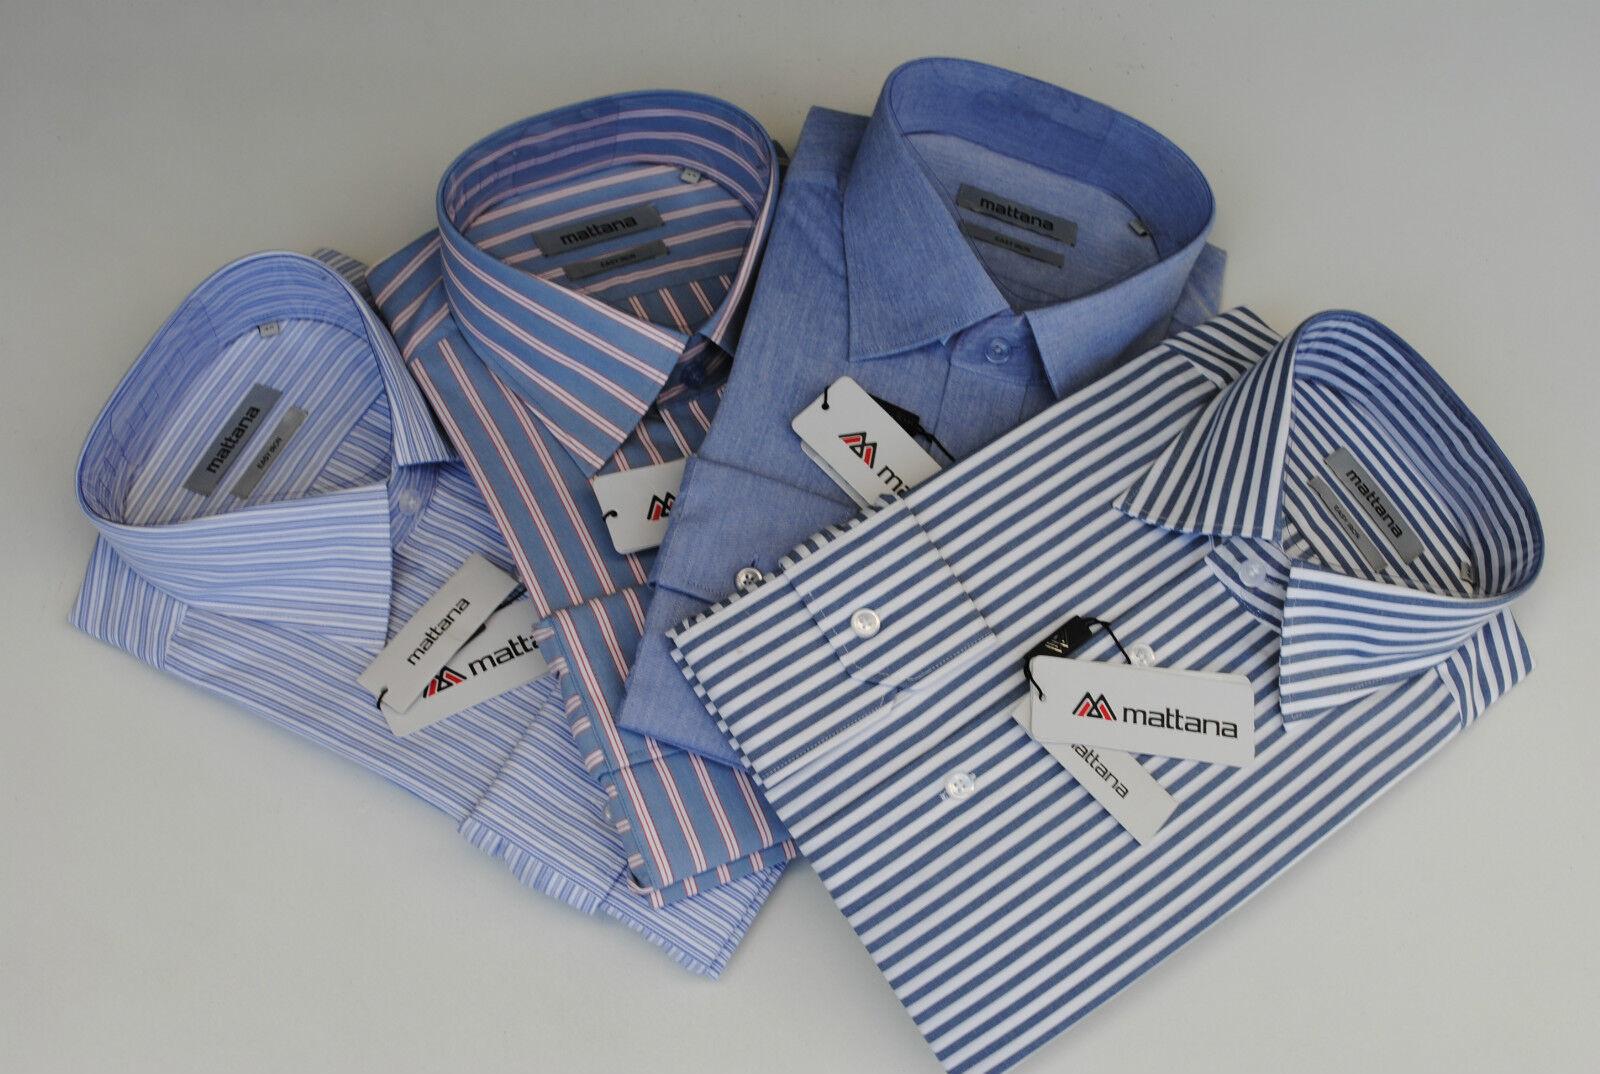 OFFERTA 4 capi di camicie classiche collo 40 italia puro cotone stiratura facile